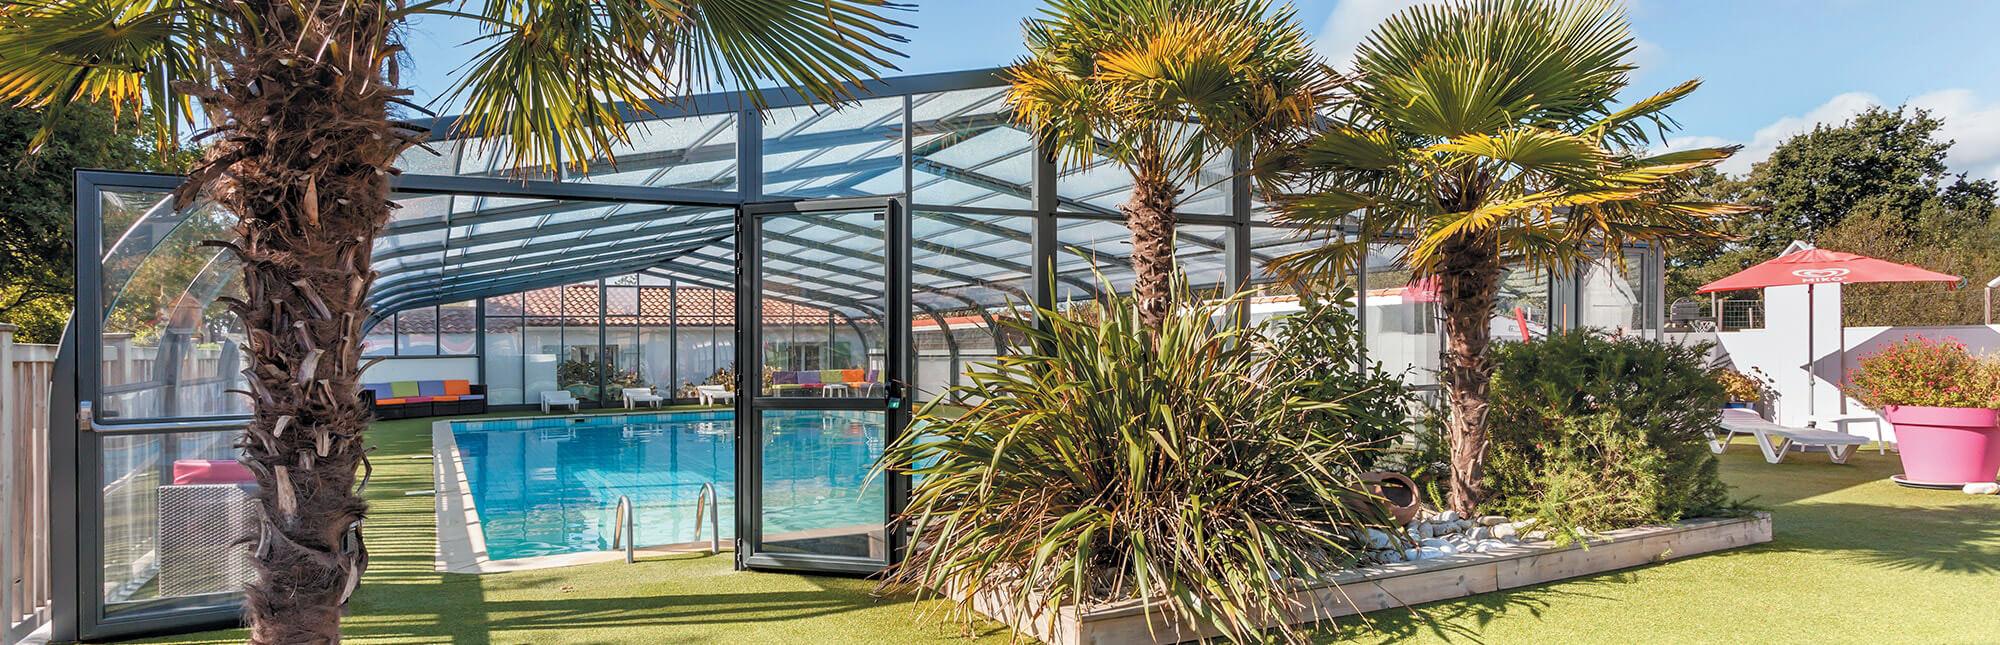 d couvrez l 39 abri de piscine des renardi res. Black Bedroom Furniture Sets. Home Design Ideas